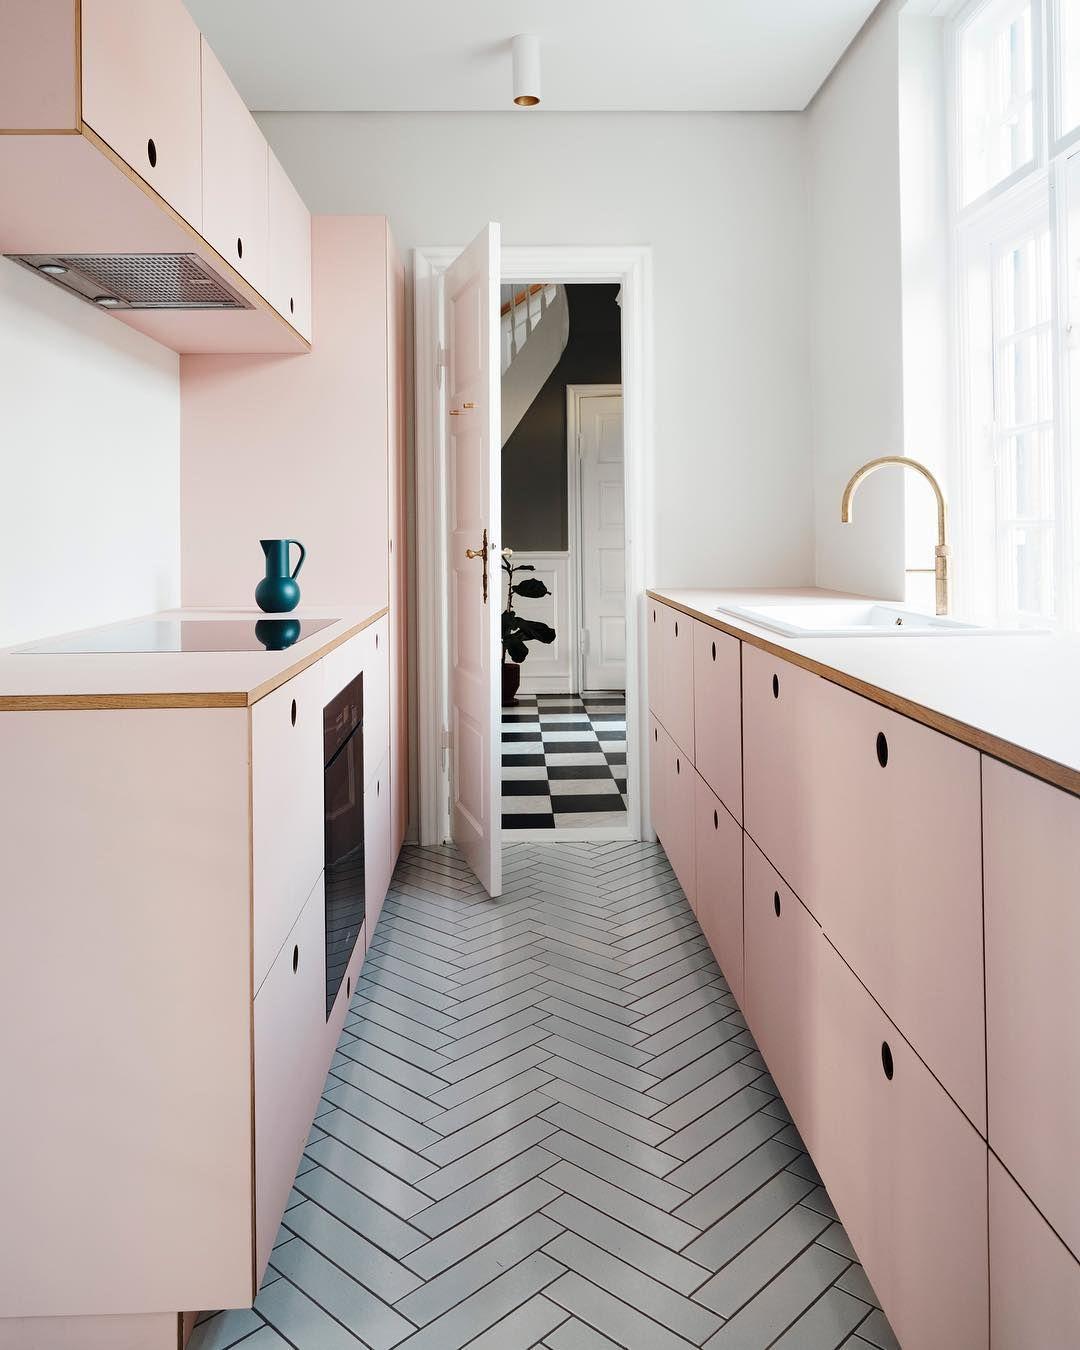 The Best Ikea Hacks To Upgrade Your Furniture In 2020 Interior Design Kitchen Kitchen Style Kitchen Interior